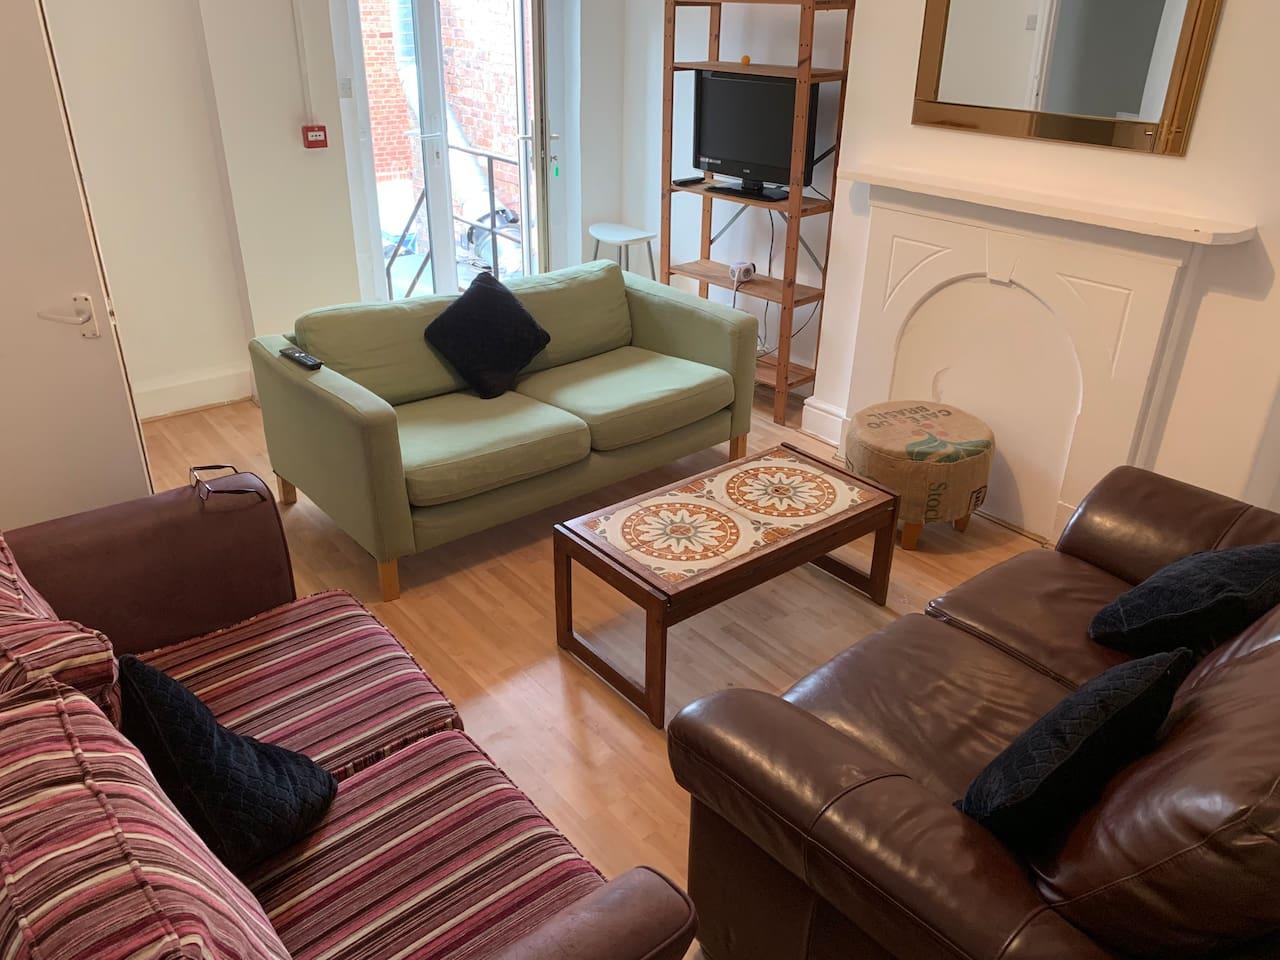 Living room has 3 sofas.